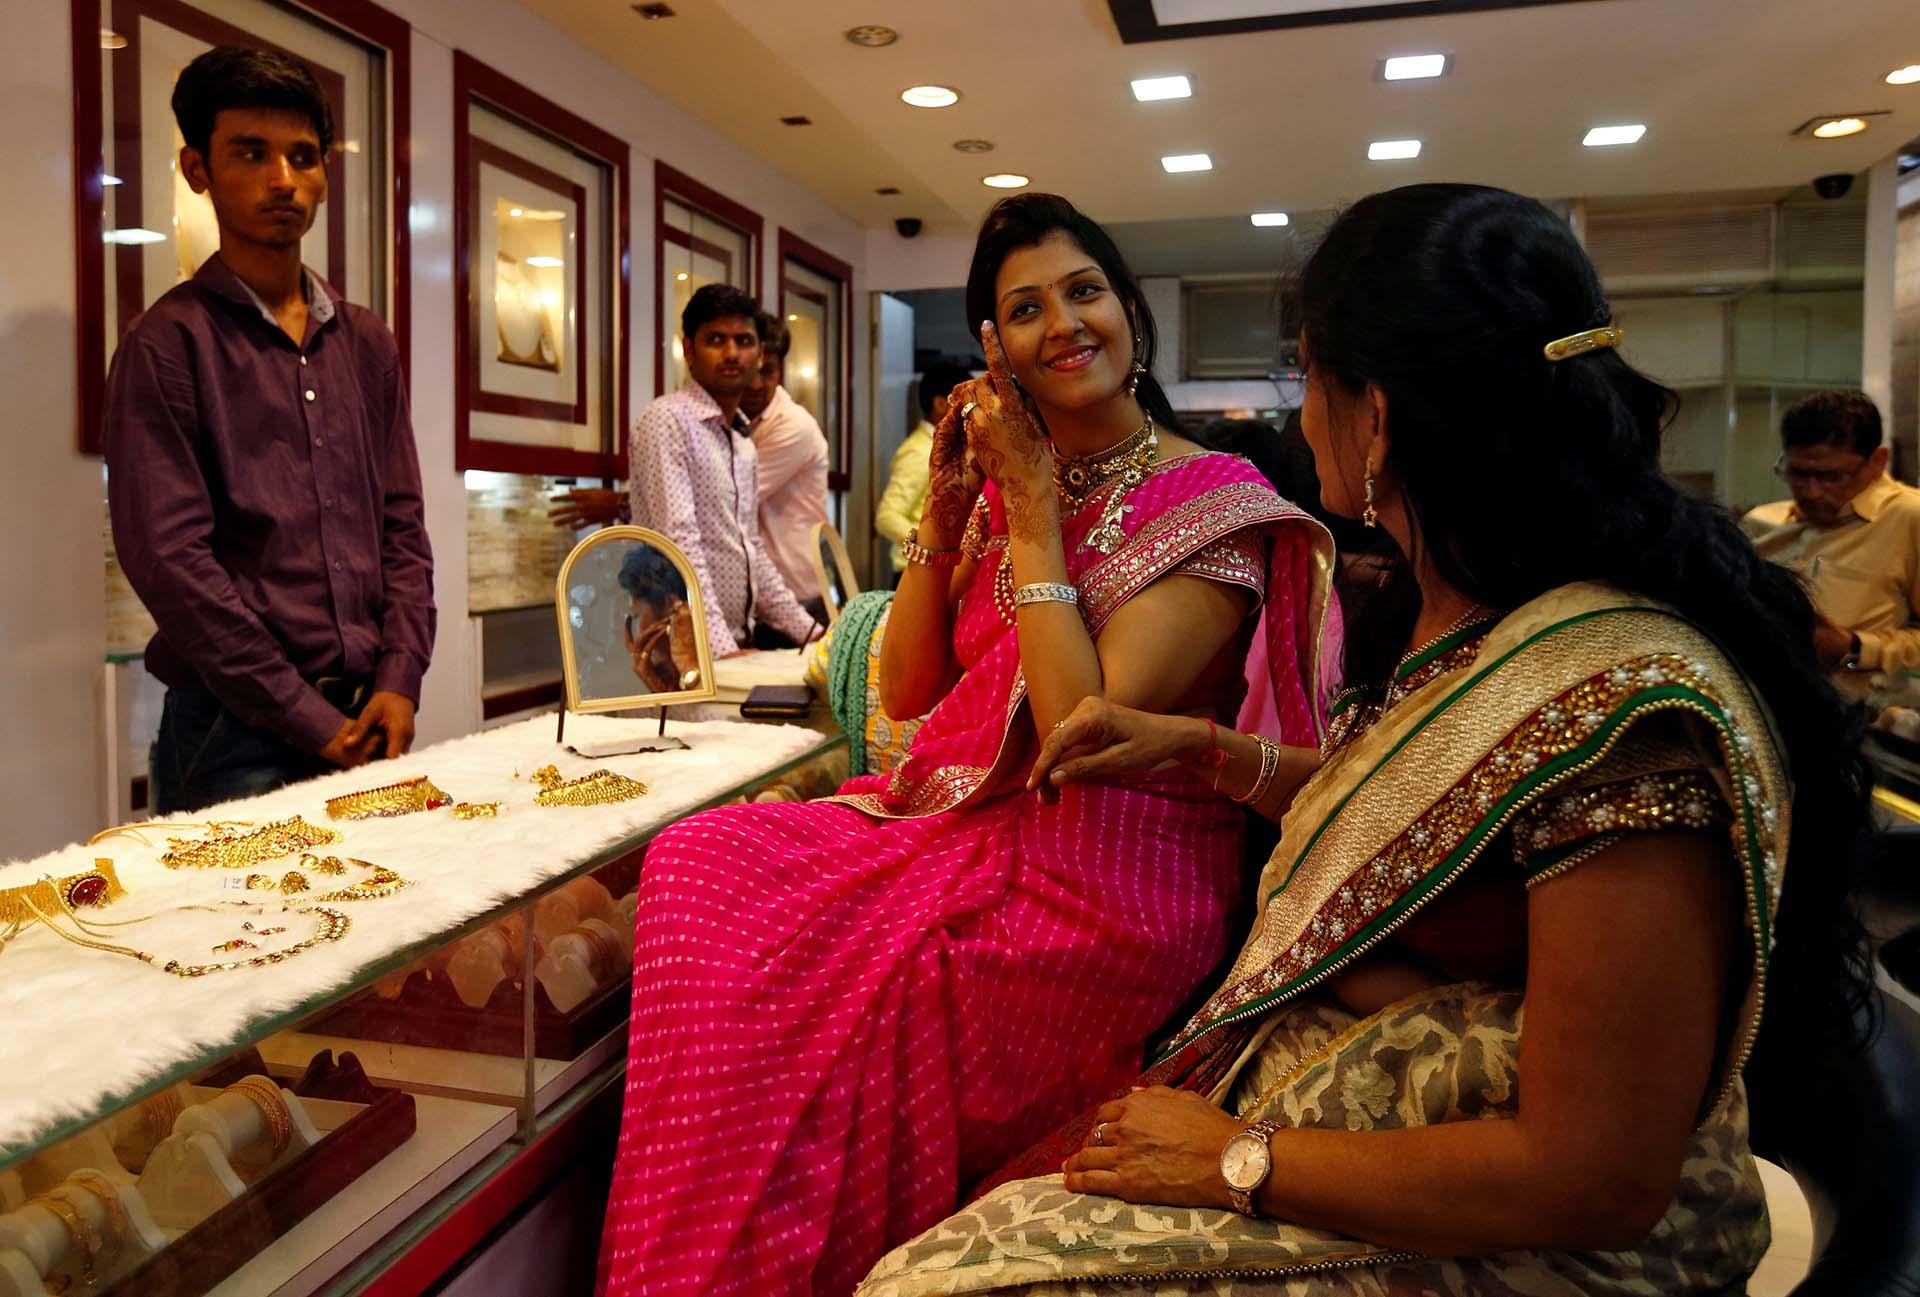 Una mujer se prueba un pendiente de oro en una joyería durante Dhanteras, un festival hindú asociado con Lakshmi, la diosa de la riqueza, en Mumbai